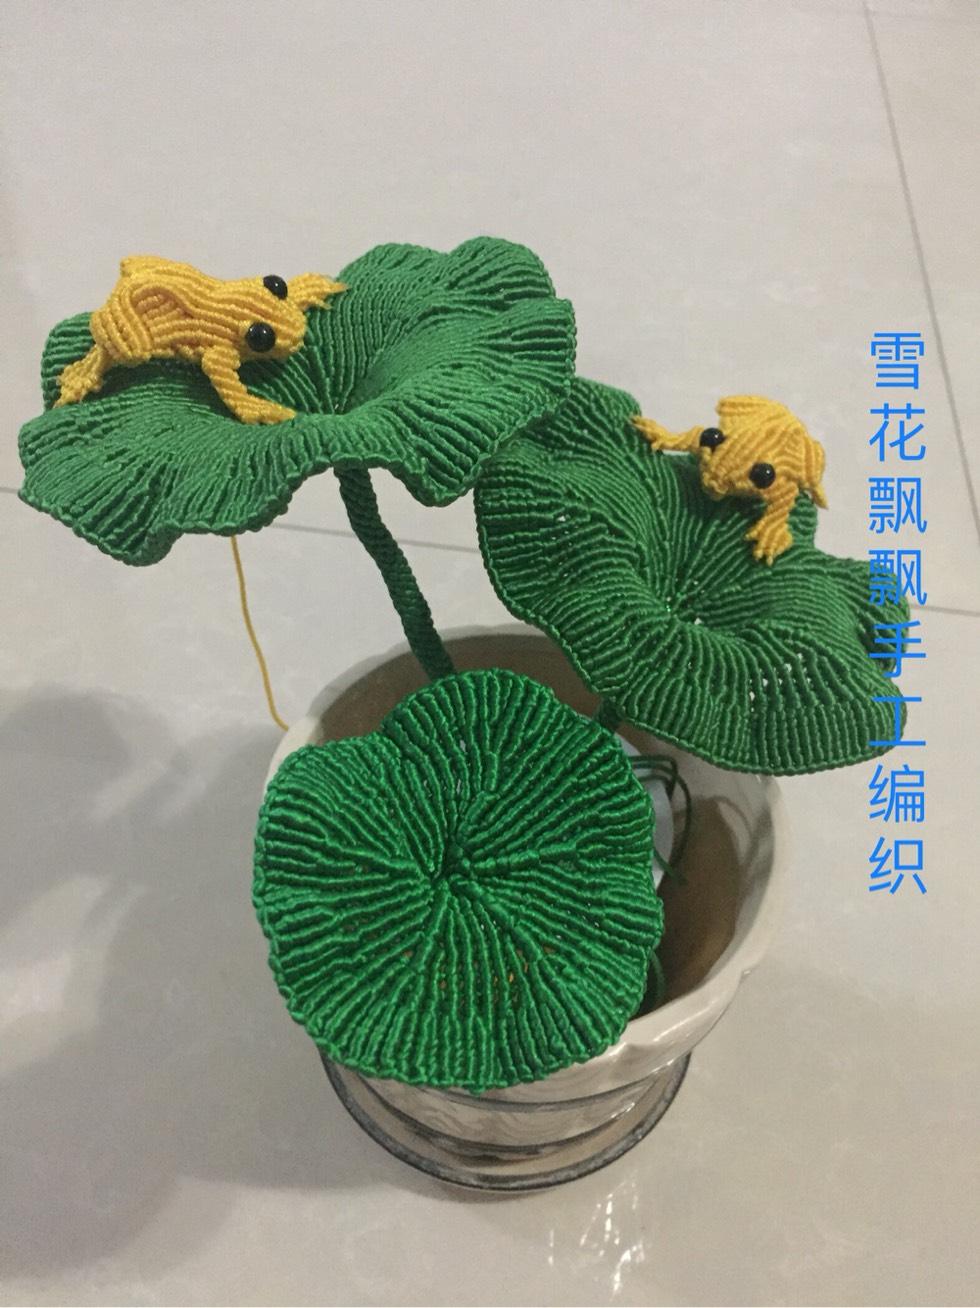 中国结论坛 自己创编的荷叶 荷叶,创编,自己 作品展示 000525tpkovp6omimu5vrv